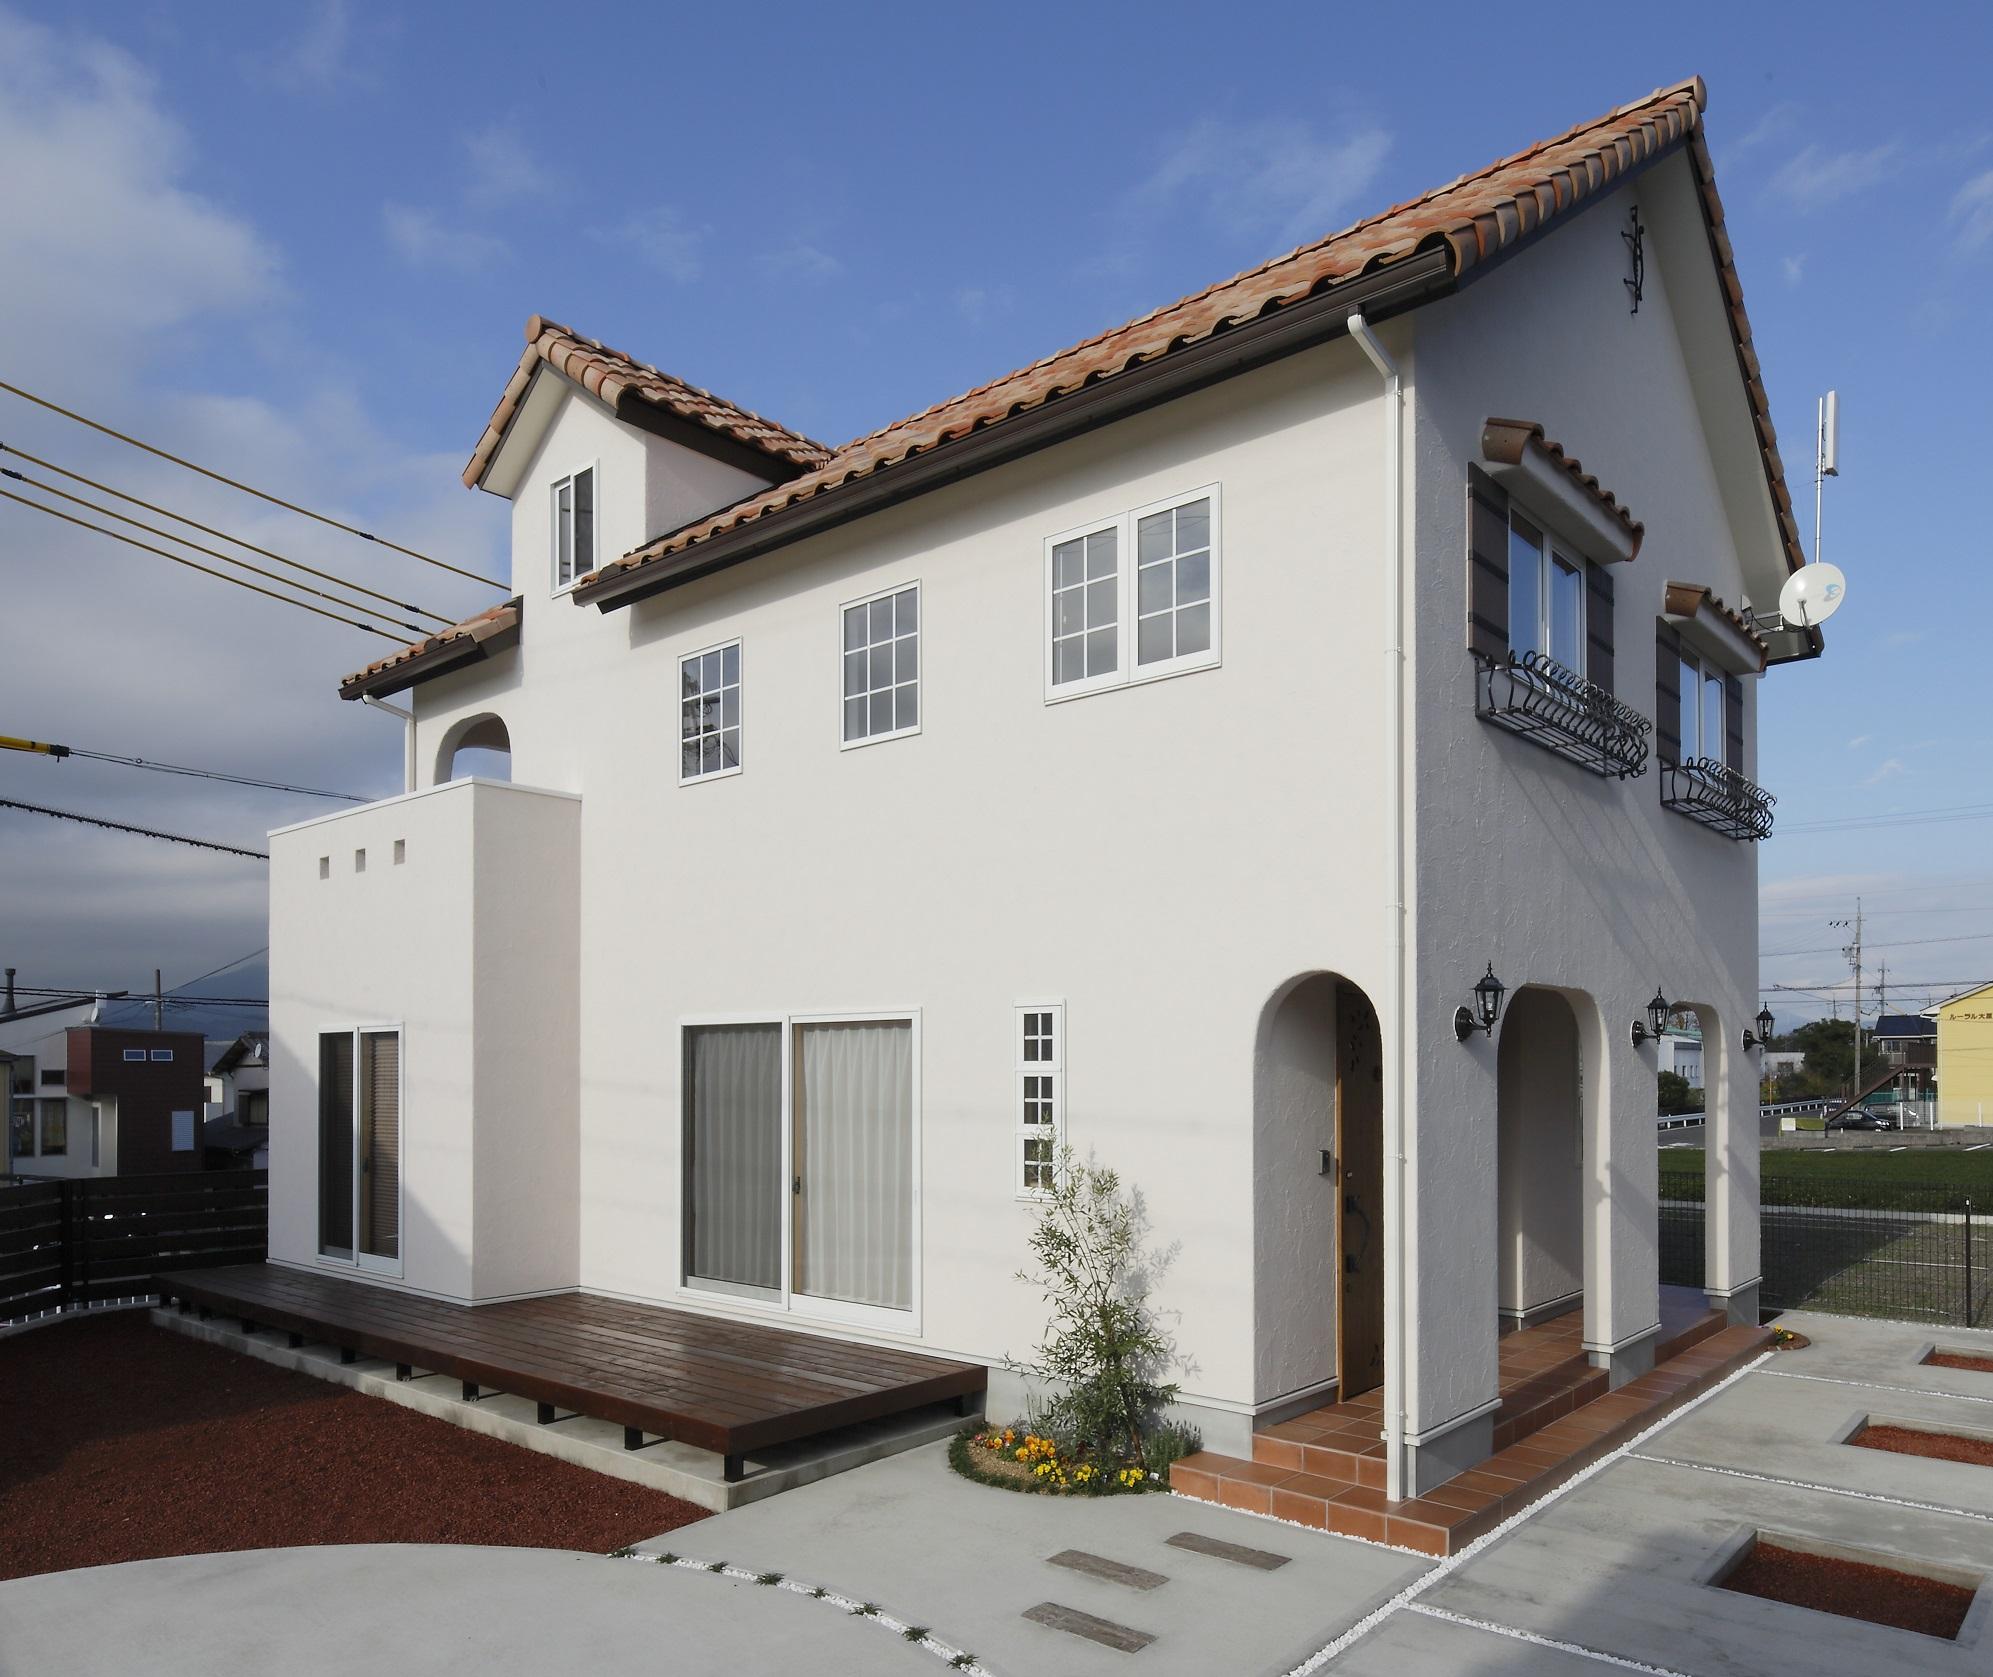 Dサポート【輸入住宅、二世帯住宅、自然素材】屋根のかわいい白い家。そんな希望が形になった